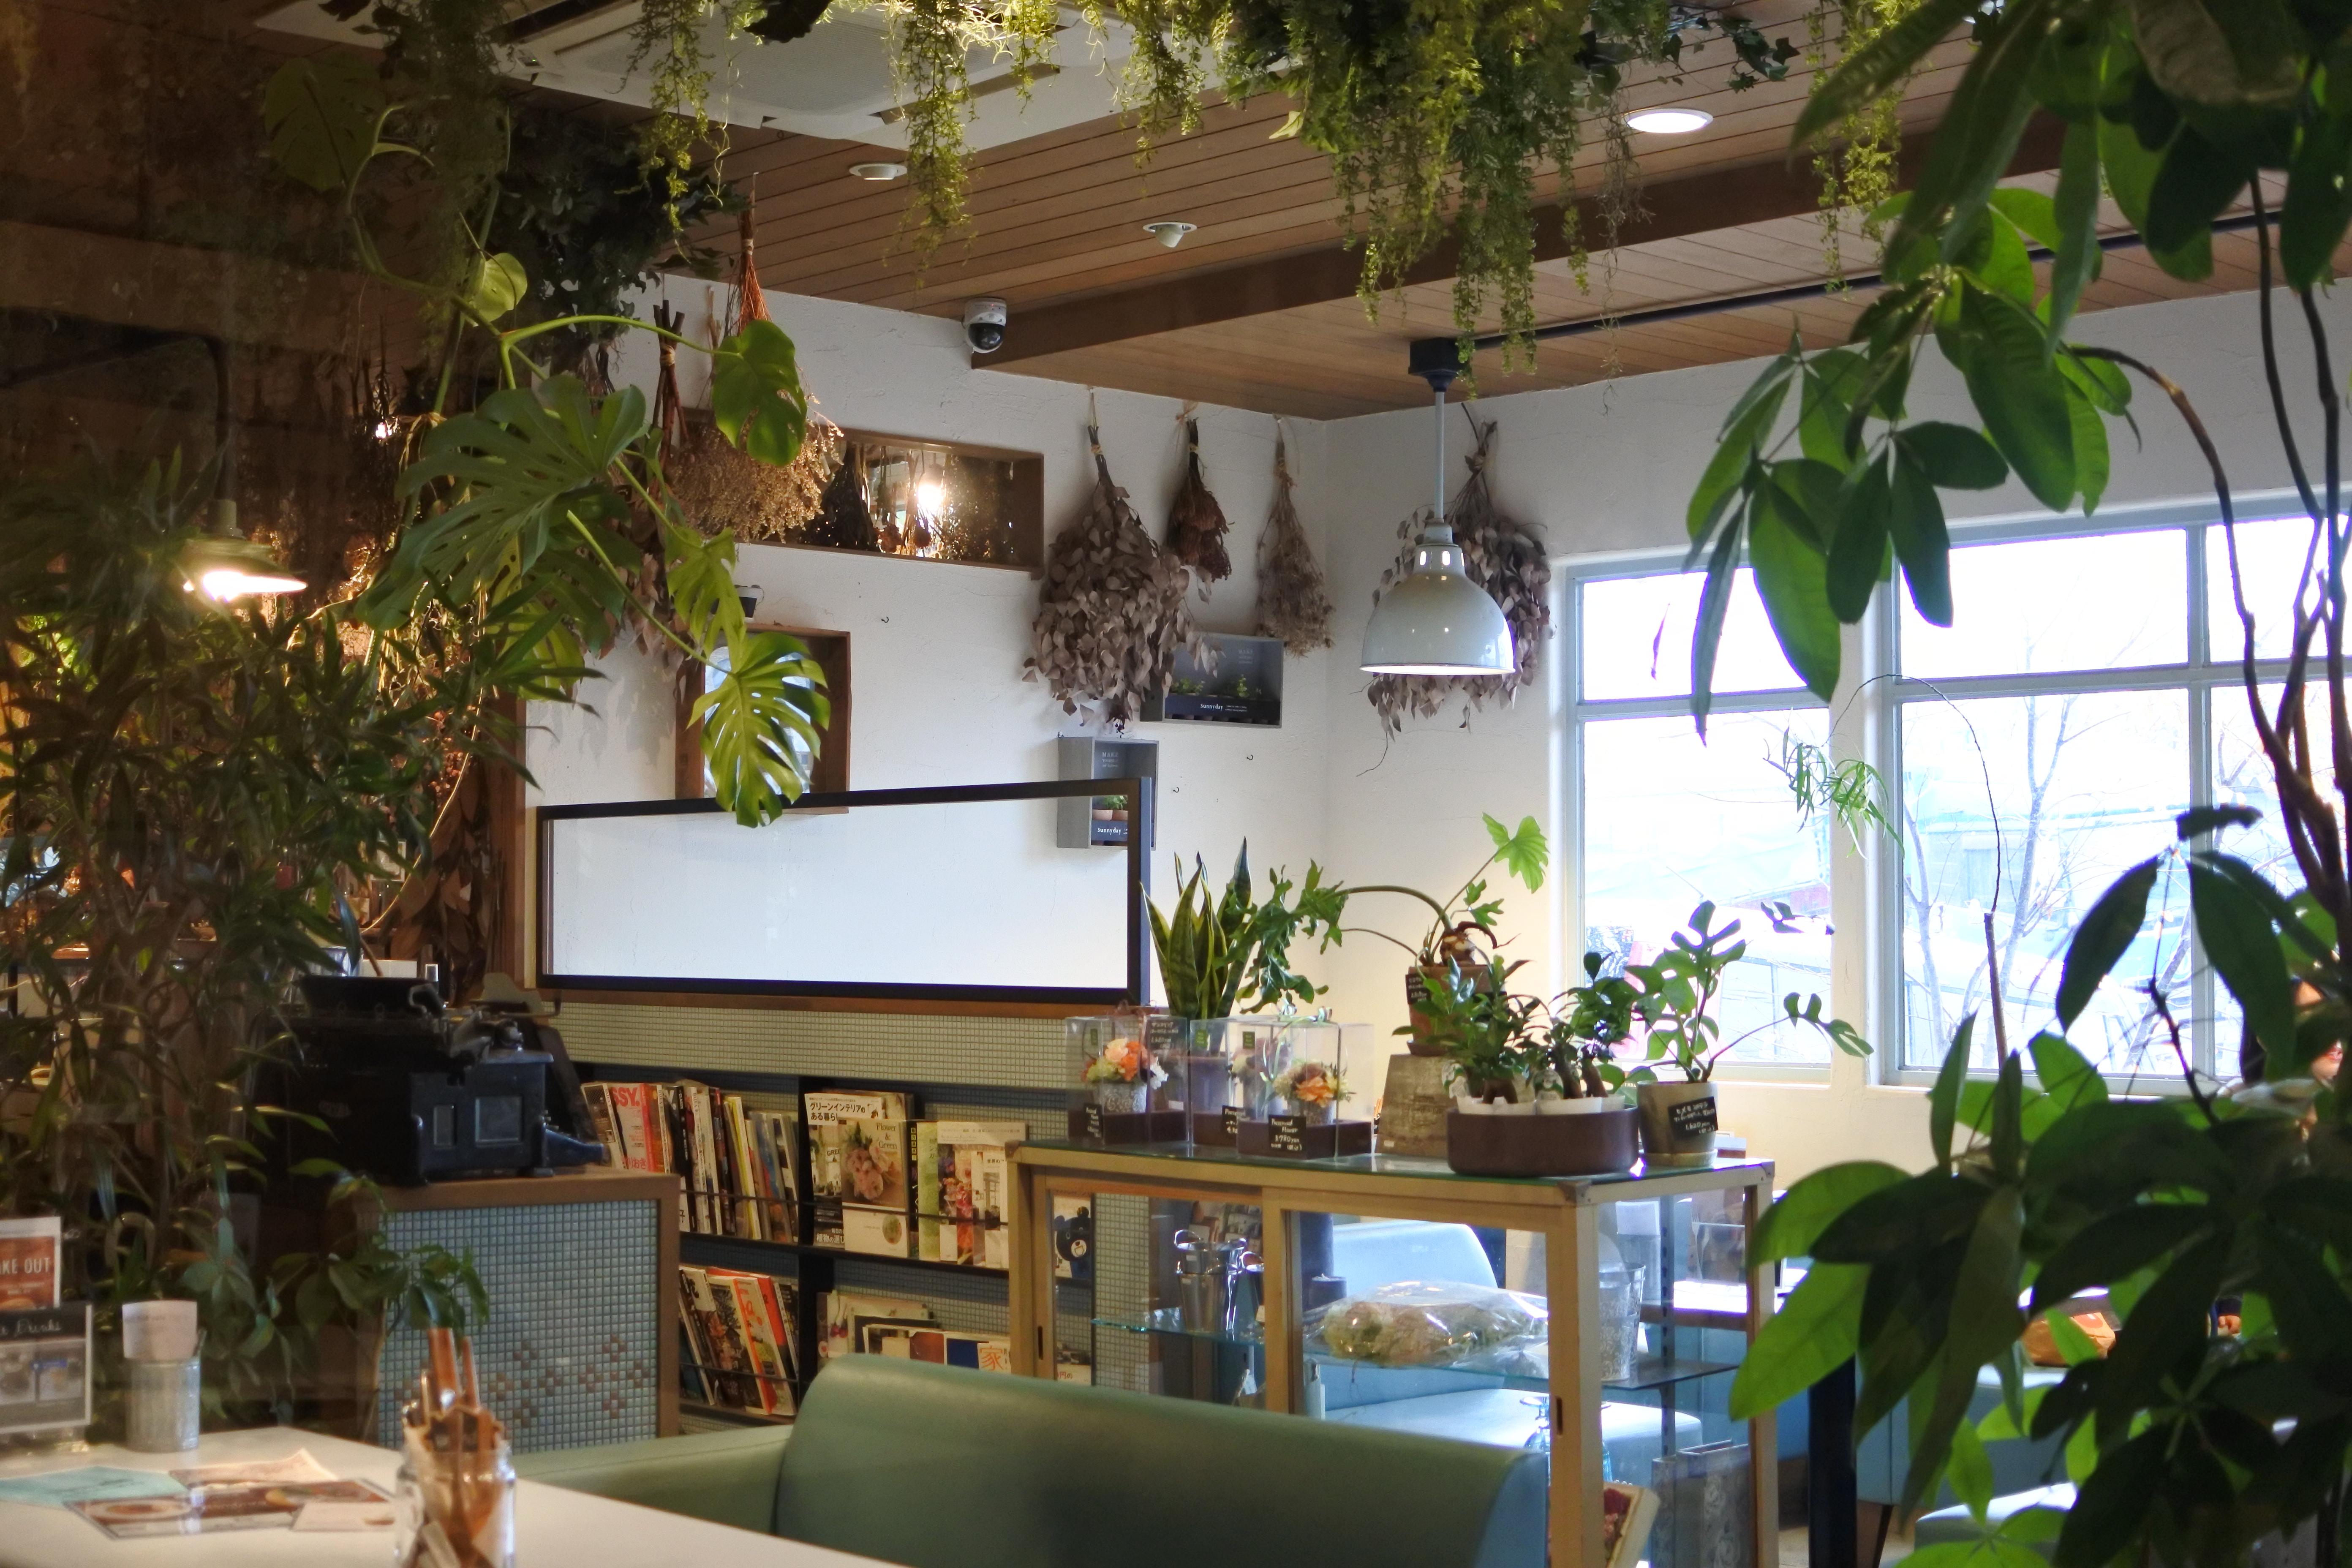 ボタニカルなカフェで心地の良いひと時を。岡崎で大人気の『ブルーブルーカフェ』 - DSC 0912